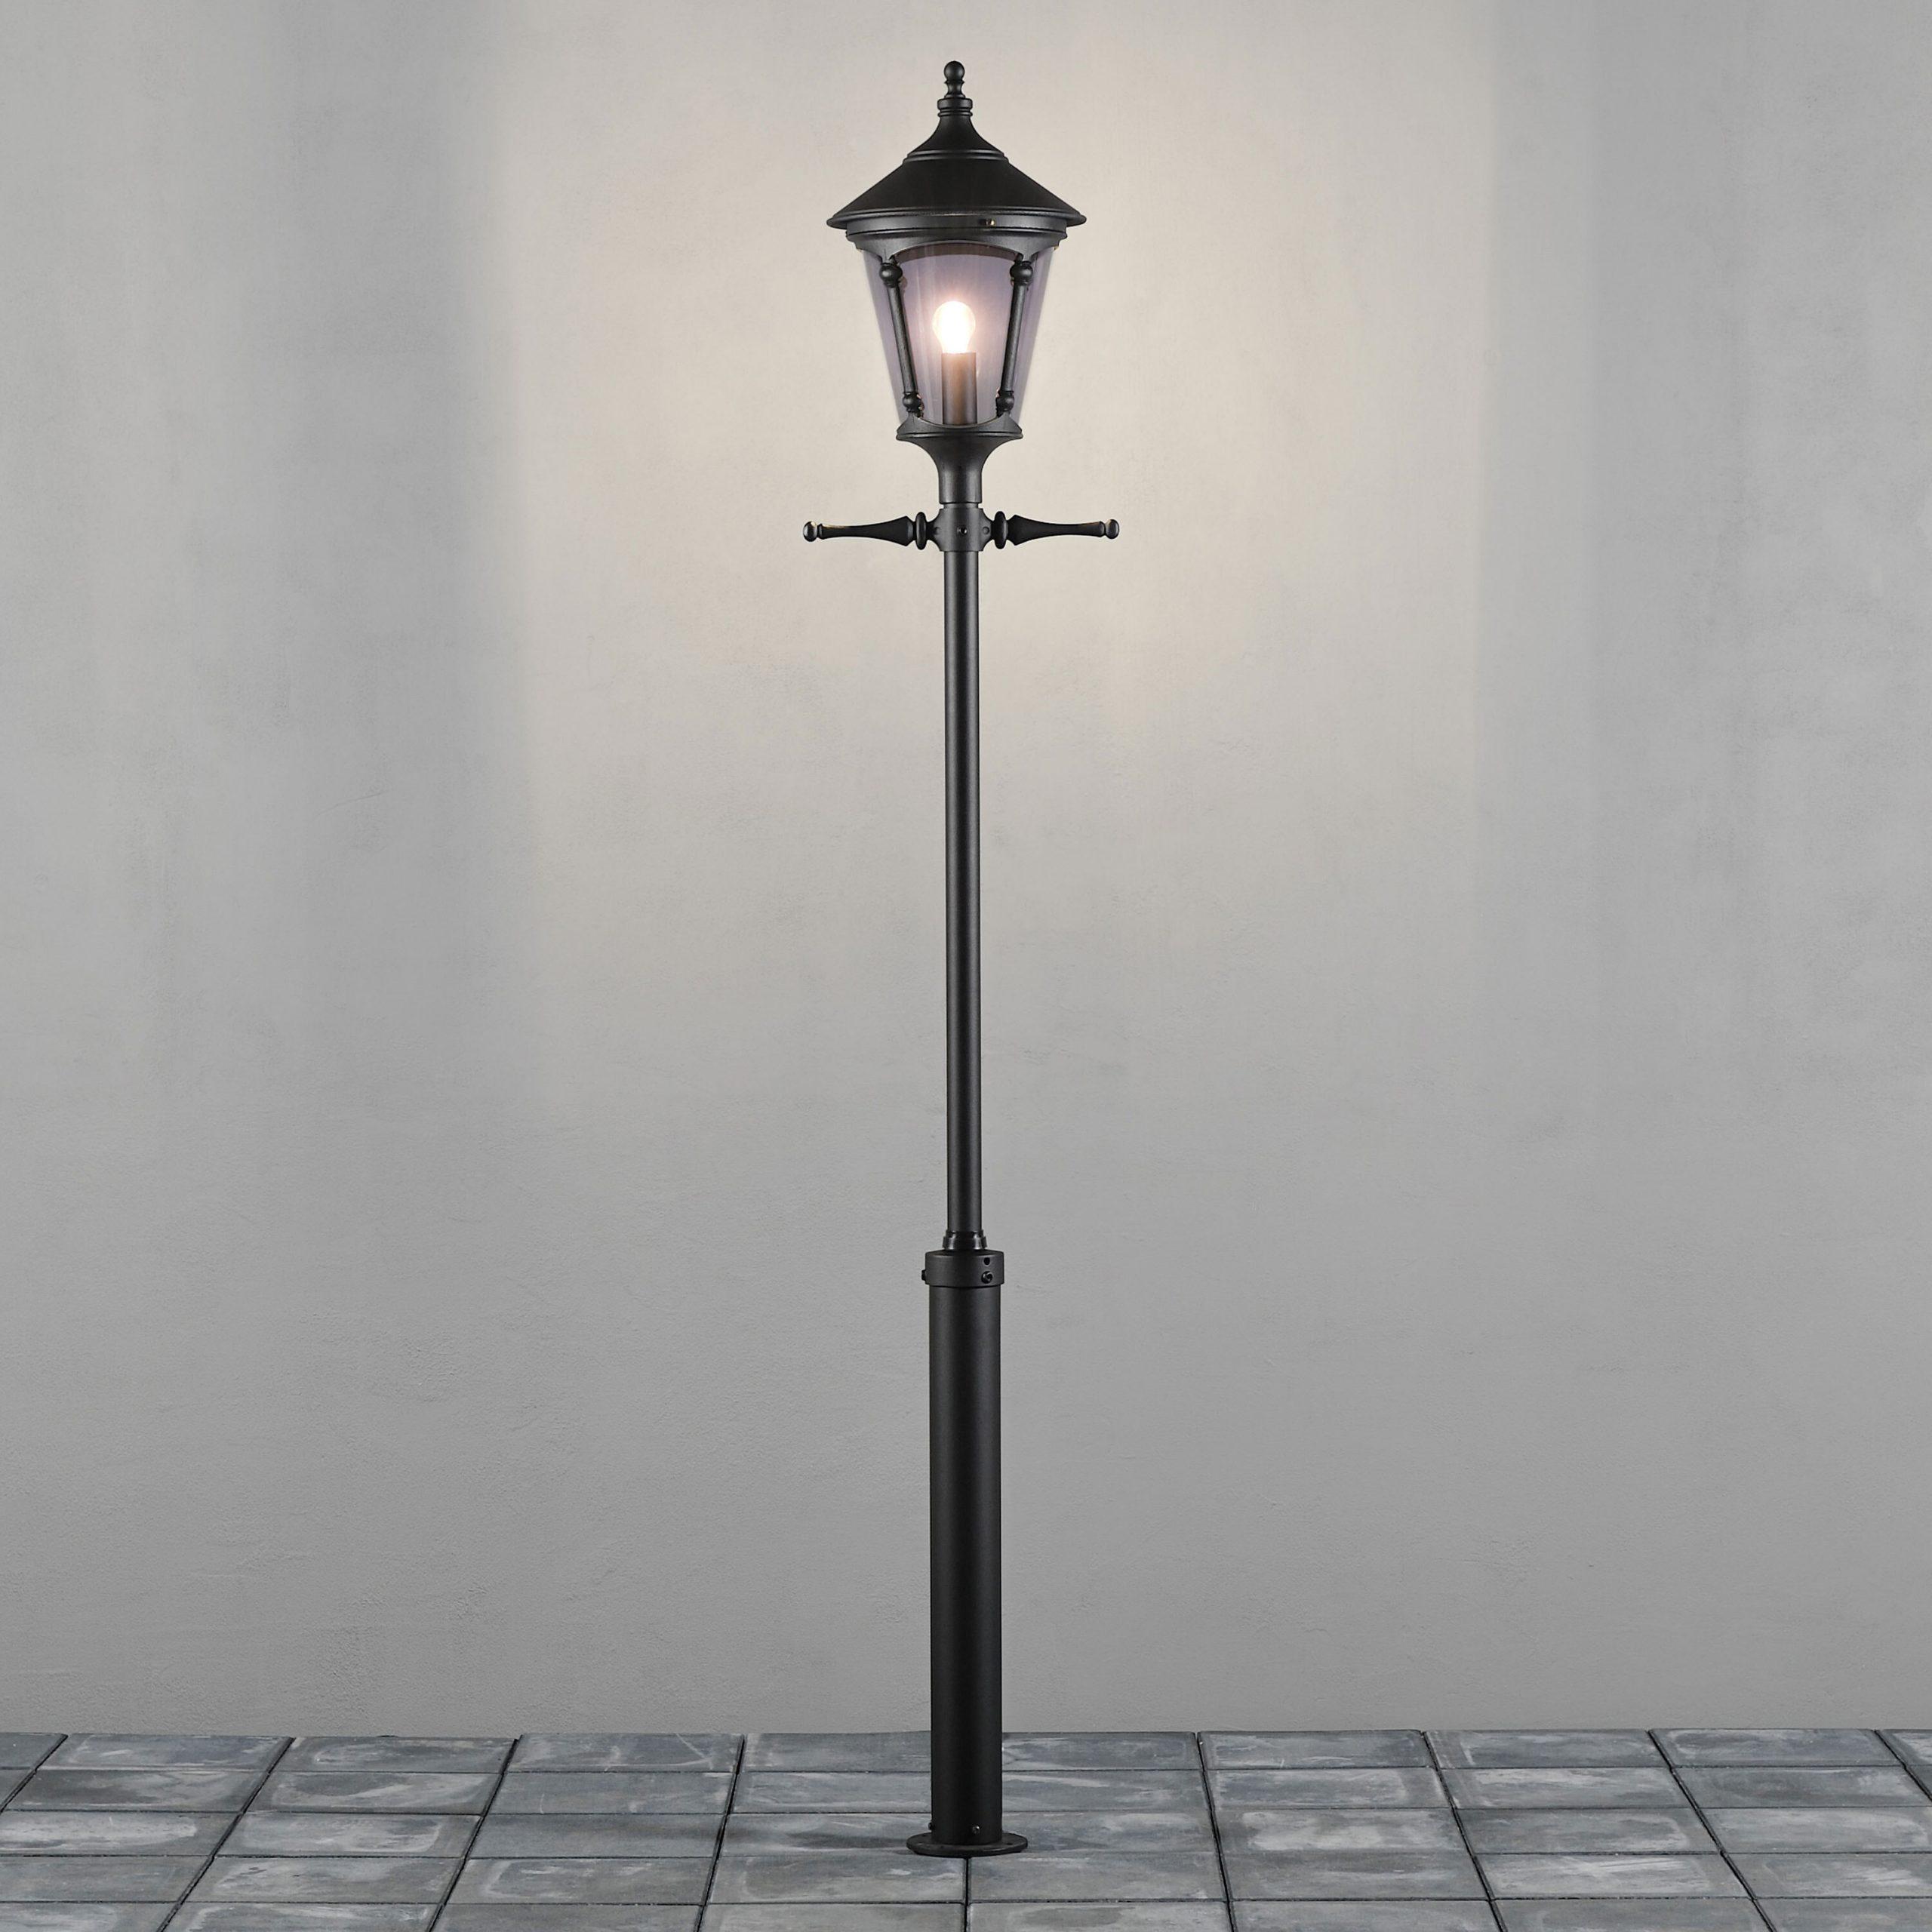 Konstsmide Staande Buitenlamp 'Virgo' 255cm hoog, E27 max 100W / 230V, kleur Zwart | Konstsmide